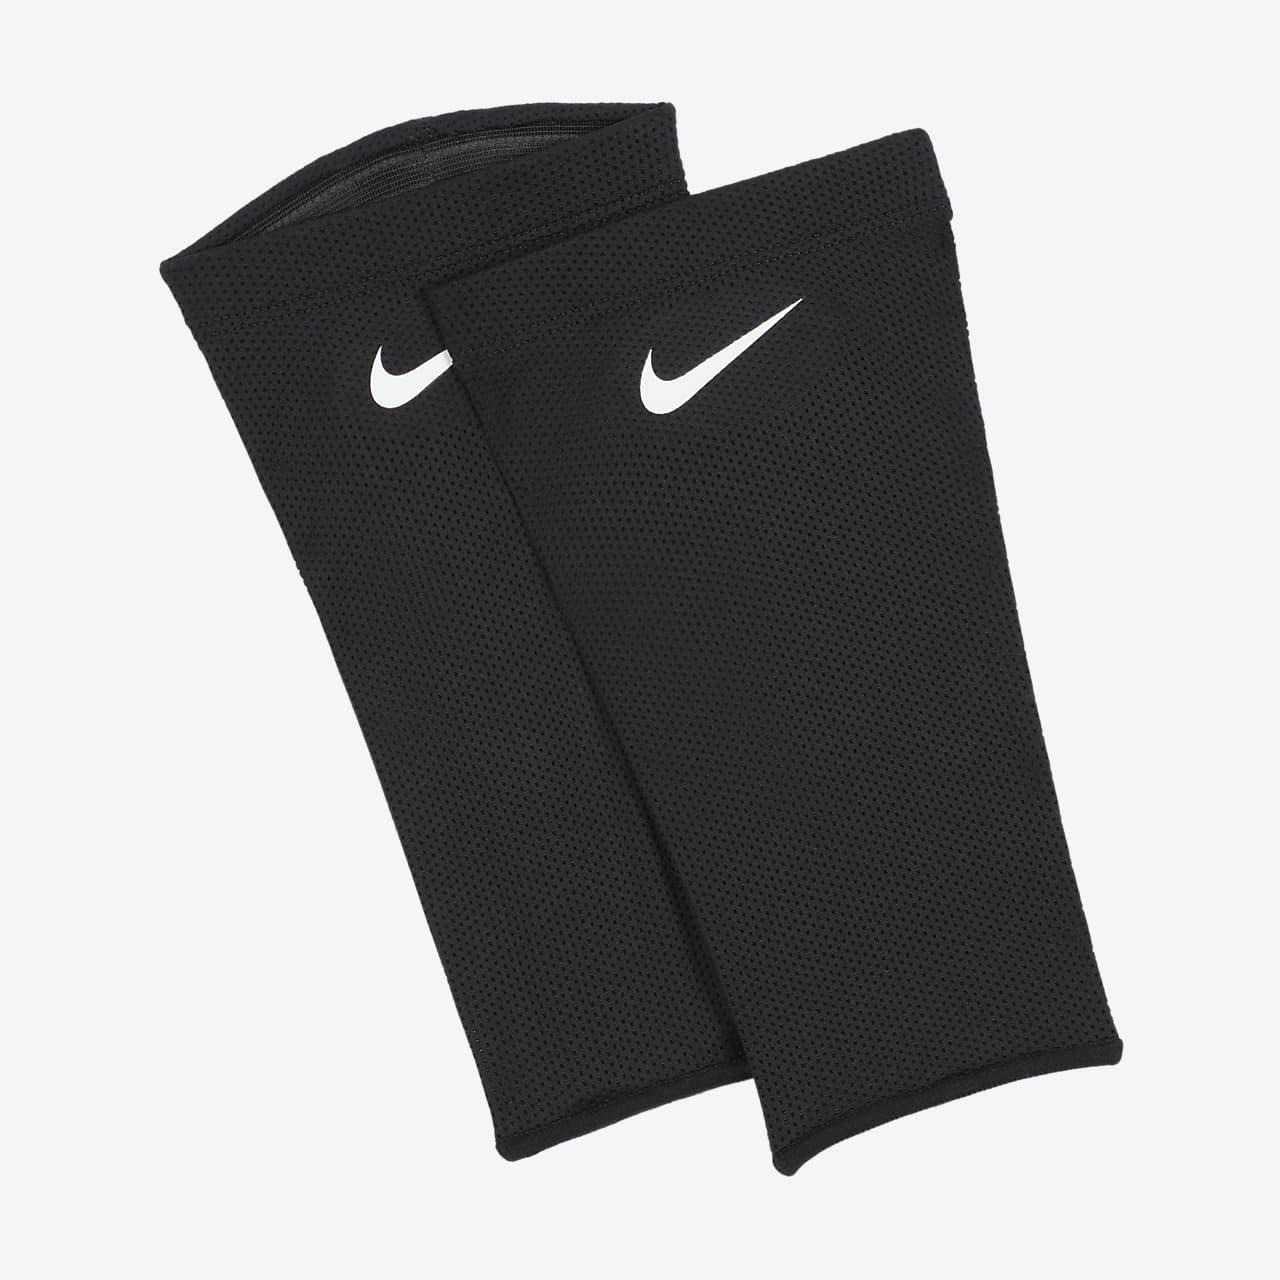 Nike Guard Lock Elite Soccer Guard Sleeves (1 Pair)